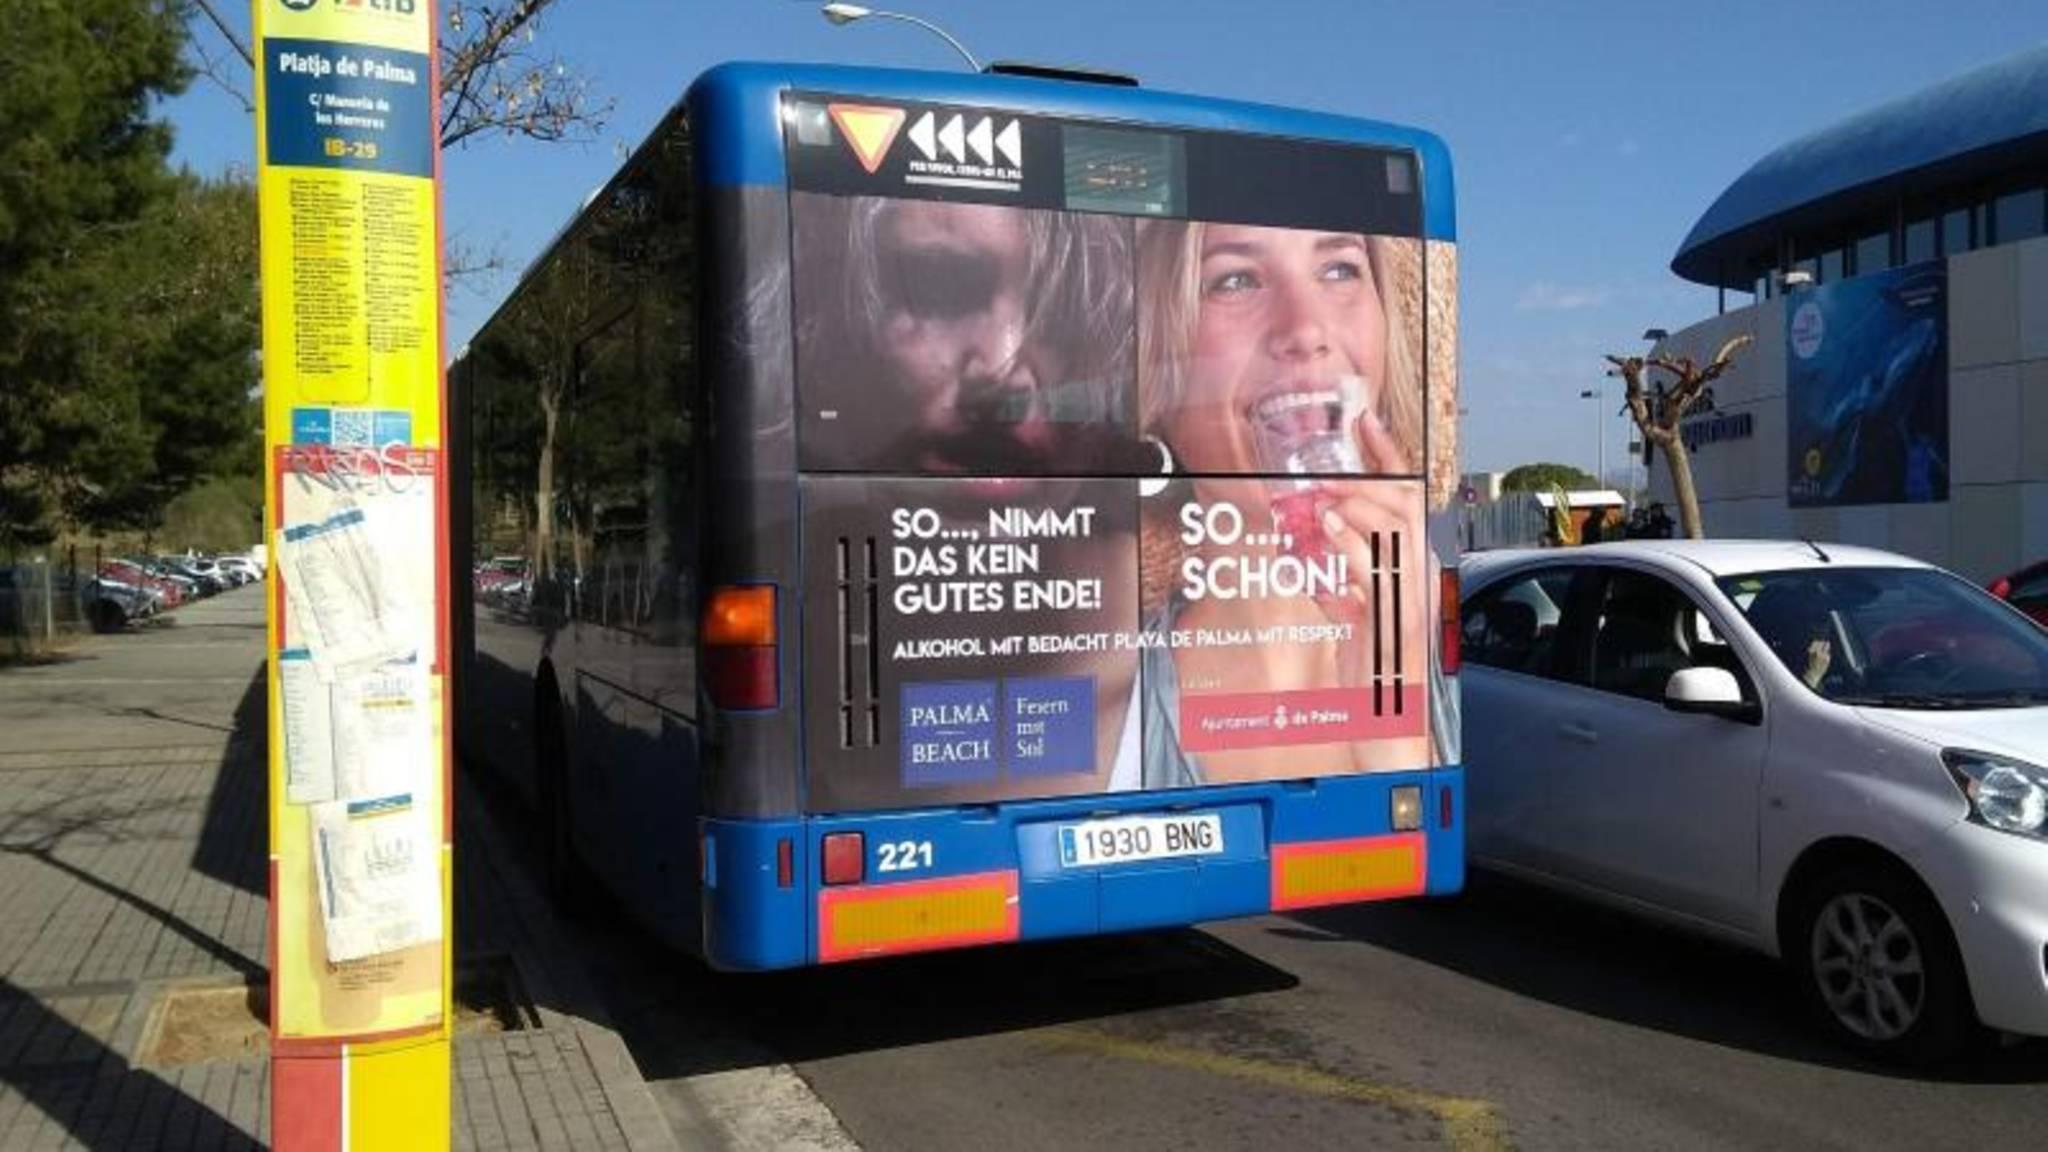 Bus der EMT in Palma de Mallorca